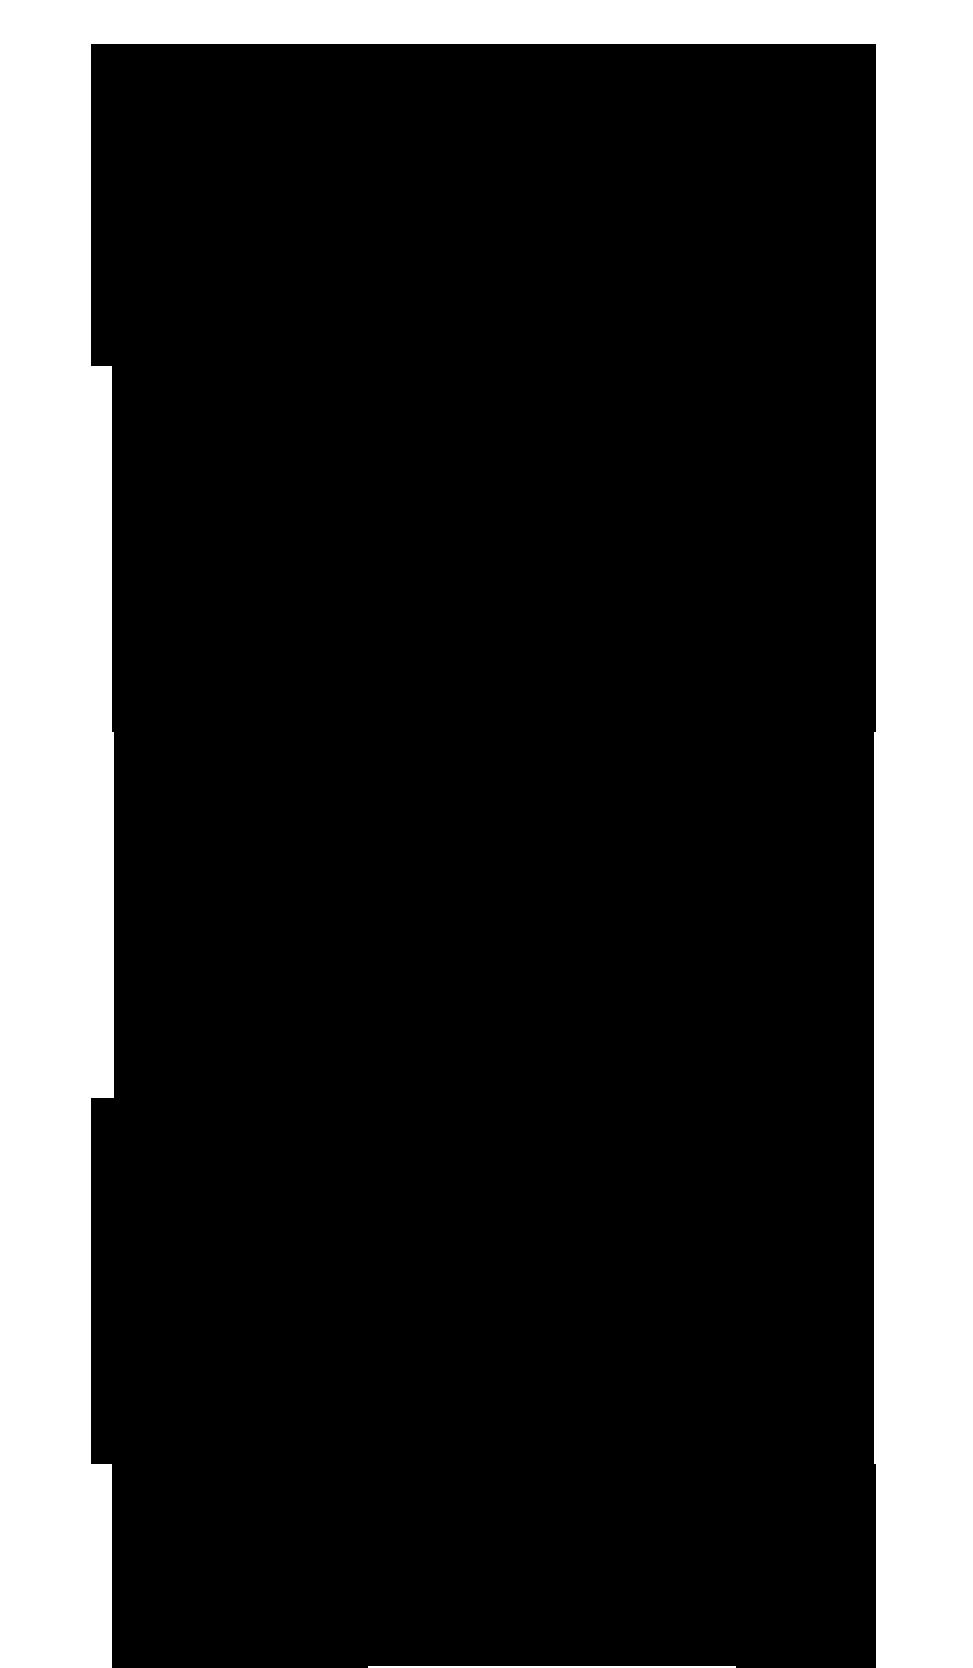 524SRJC4